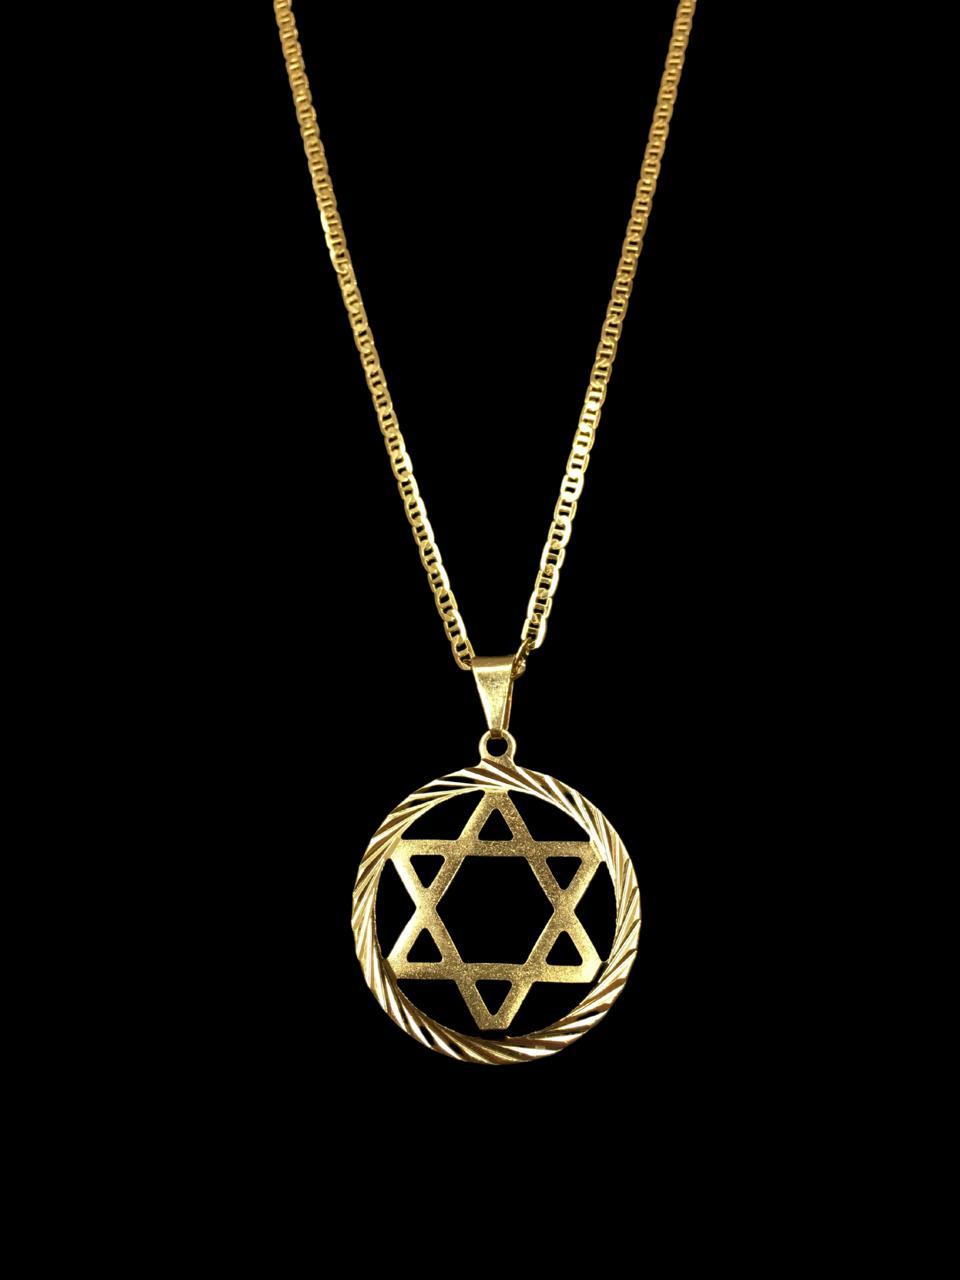 Kit Corrente piastrine - 2 milímetros -   70 centímetros  -  Com Pingente estrela de Davi   Banhados a Ouro 18k